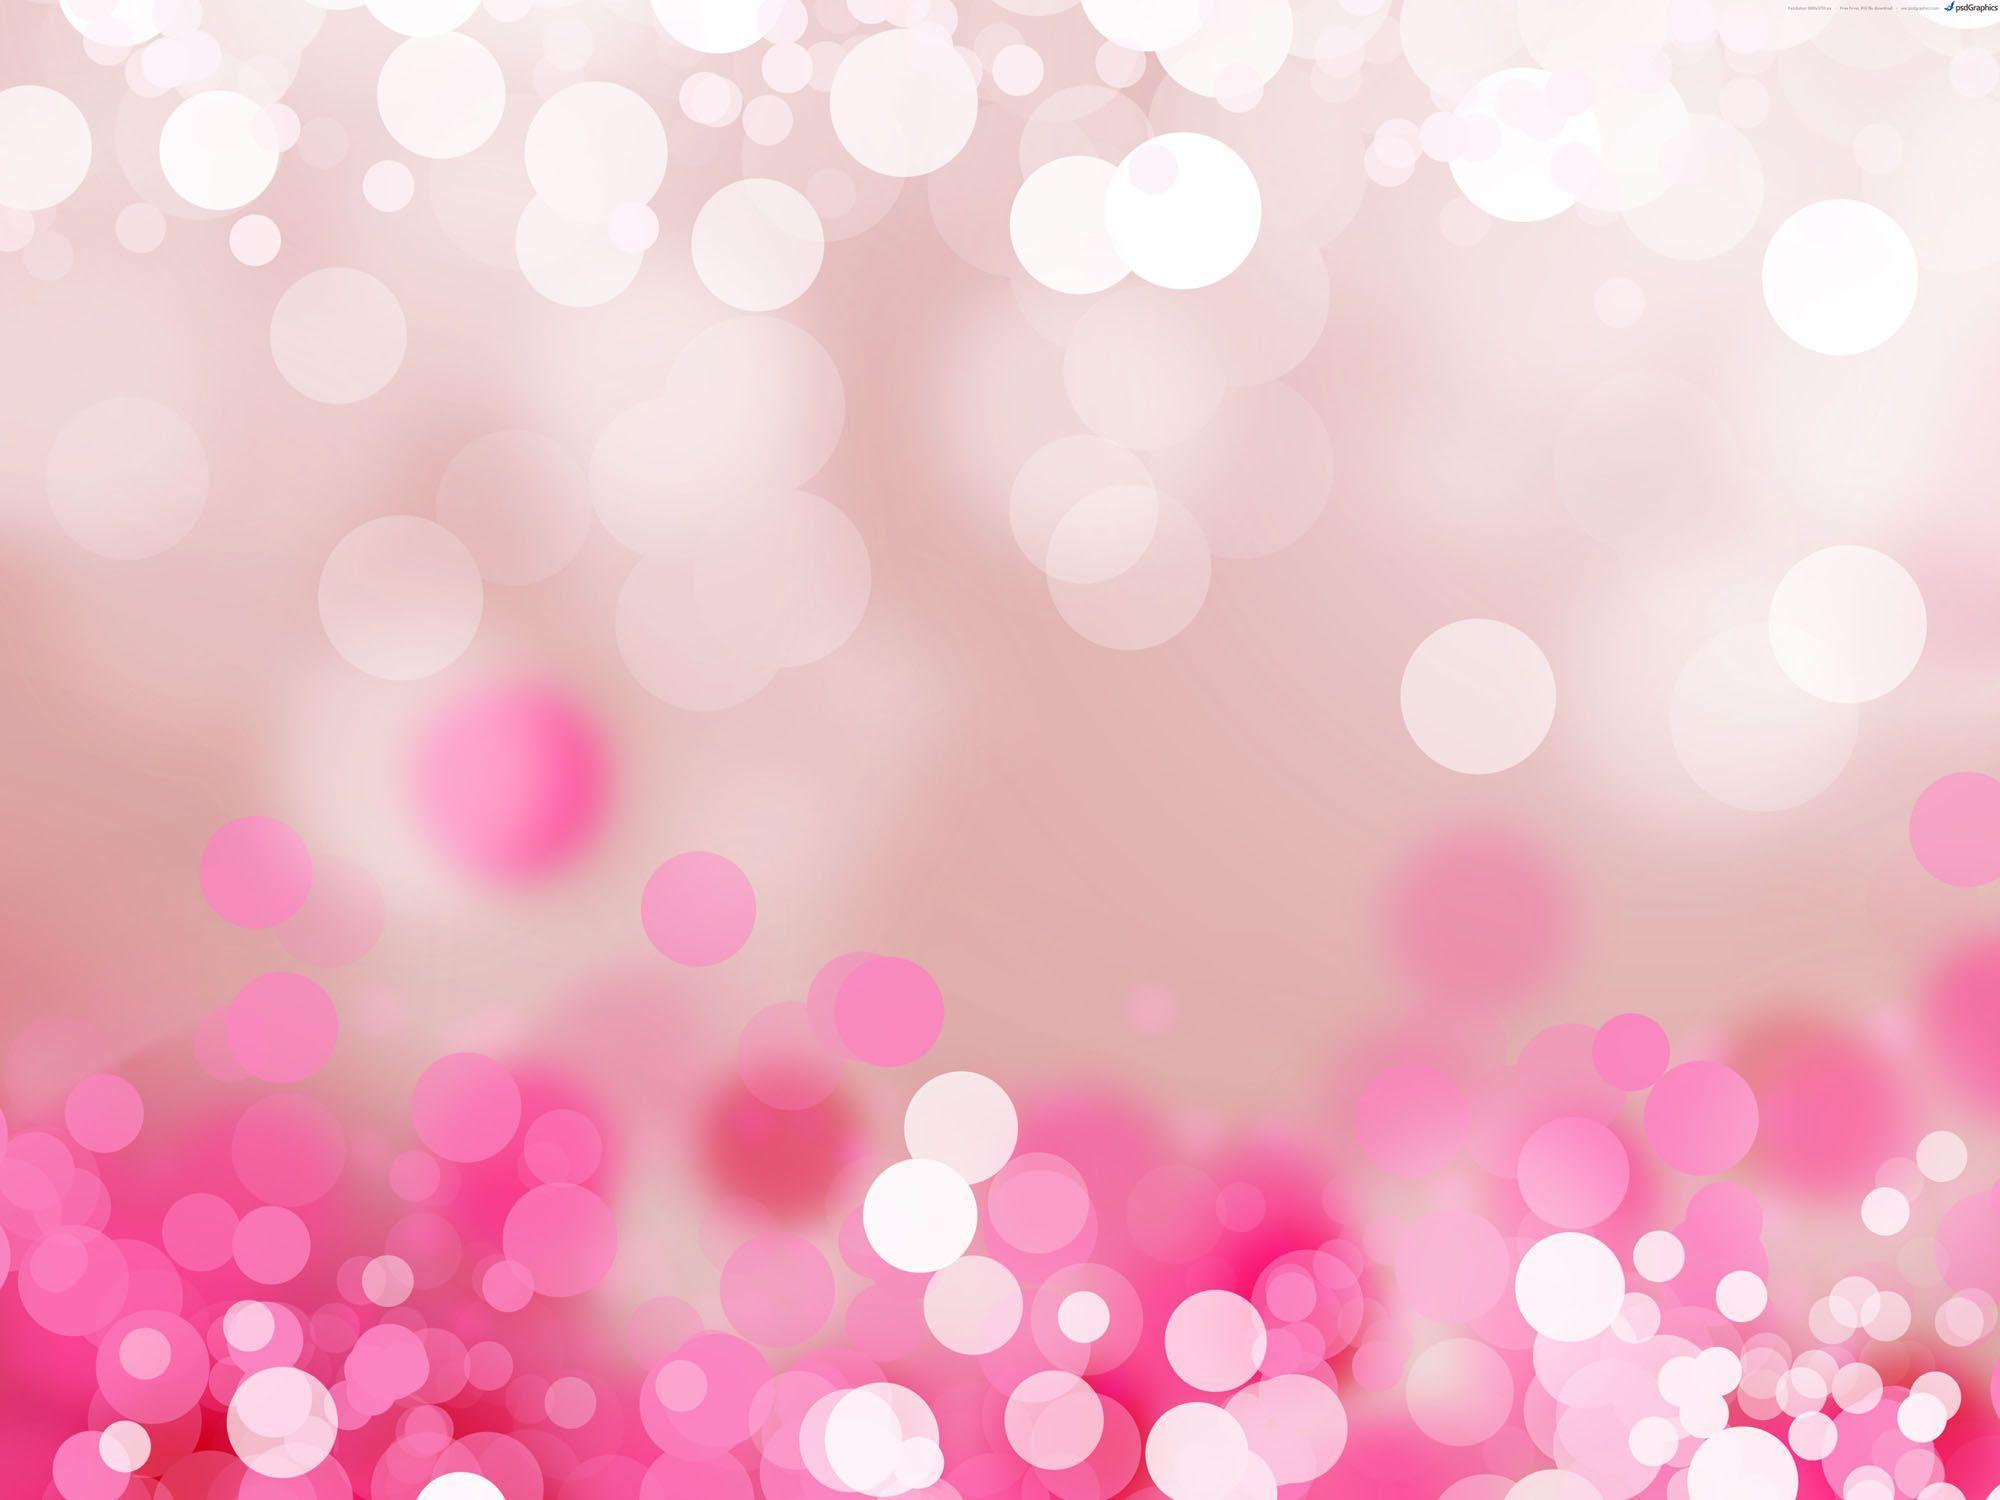 Download 6800 Background Color Pink Jpg HD Gratis